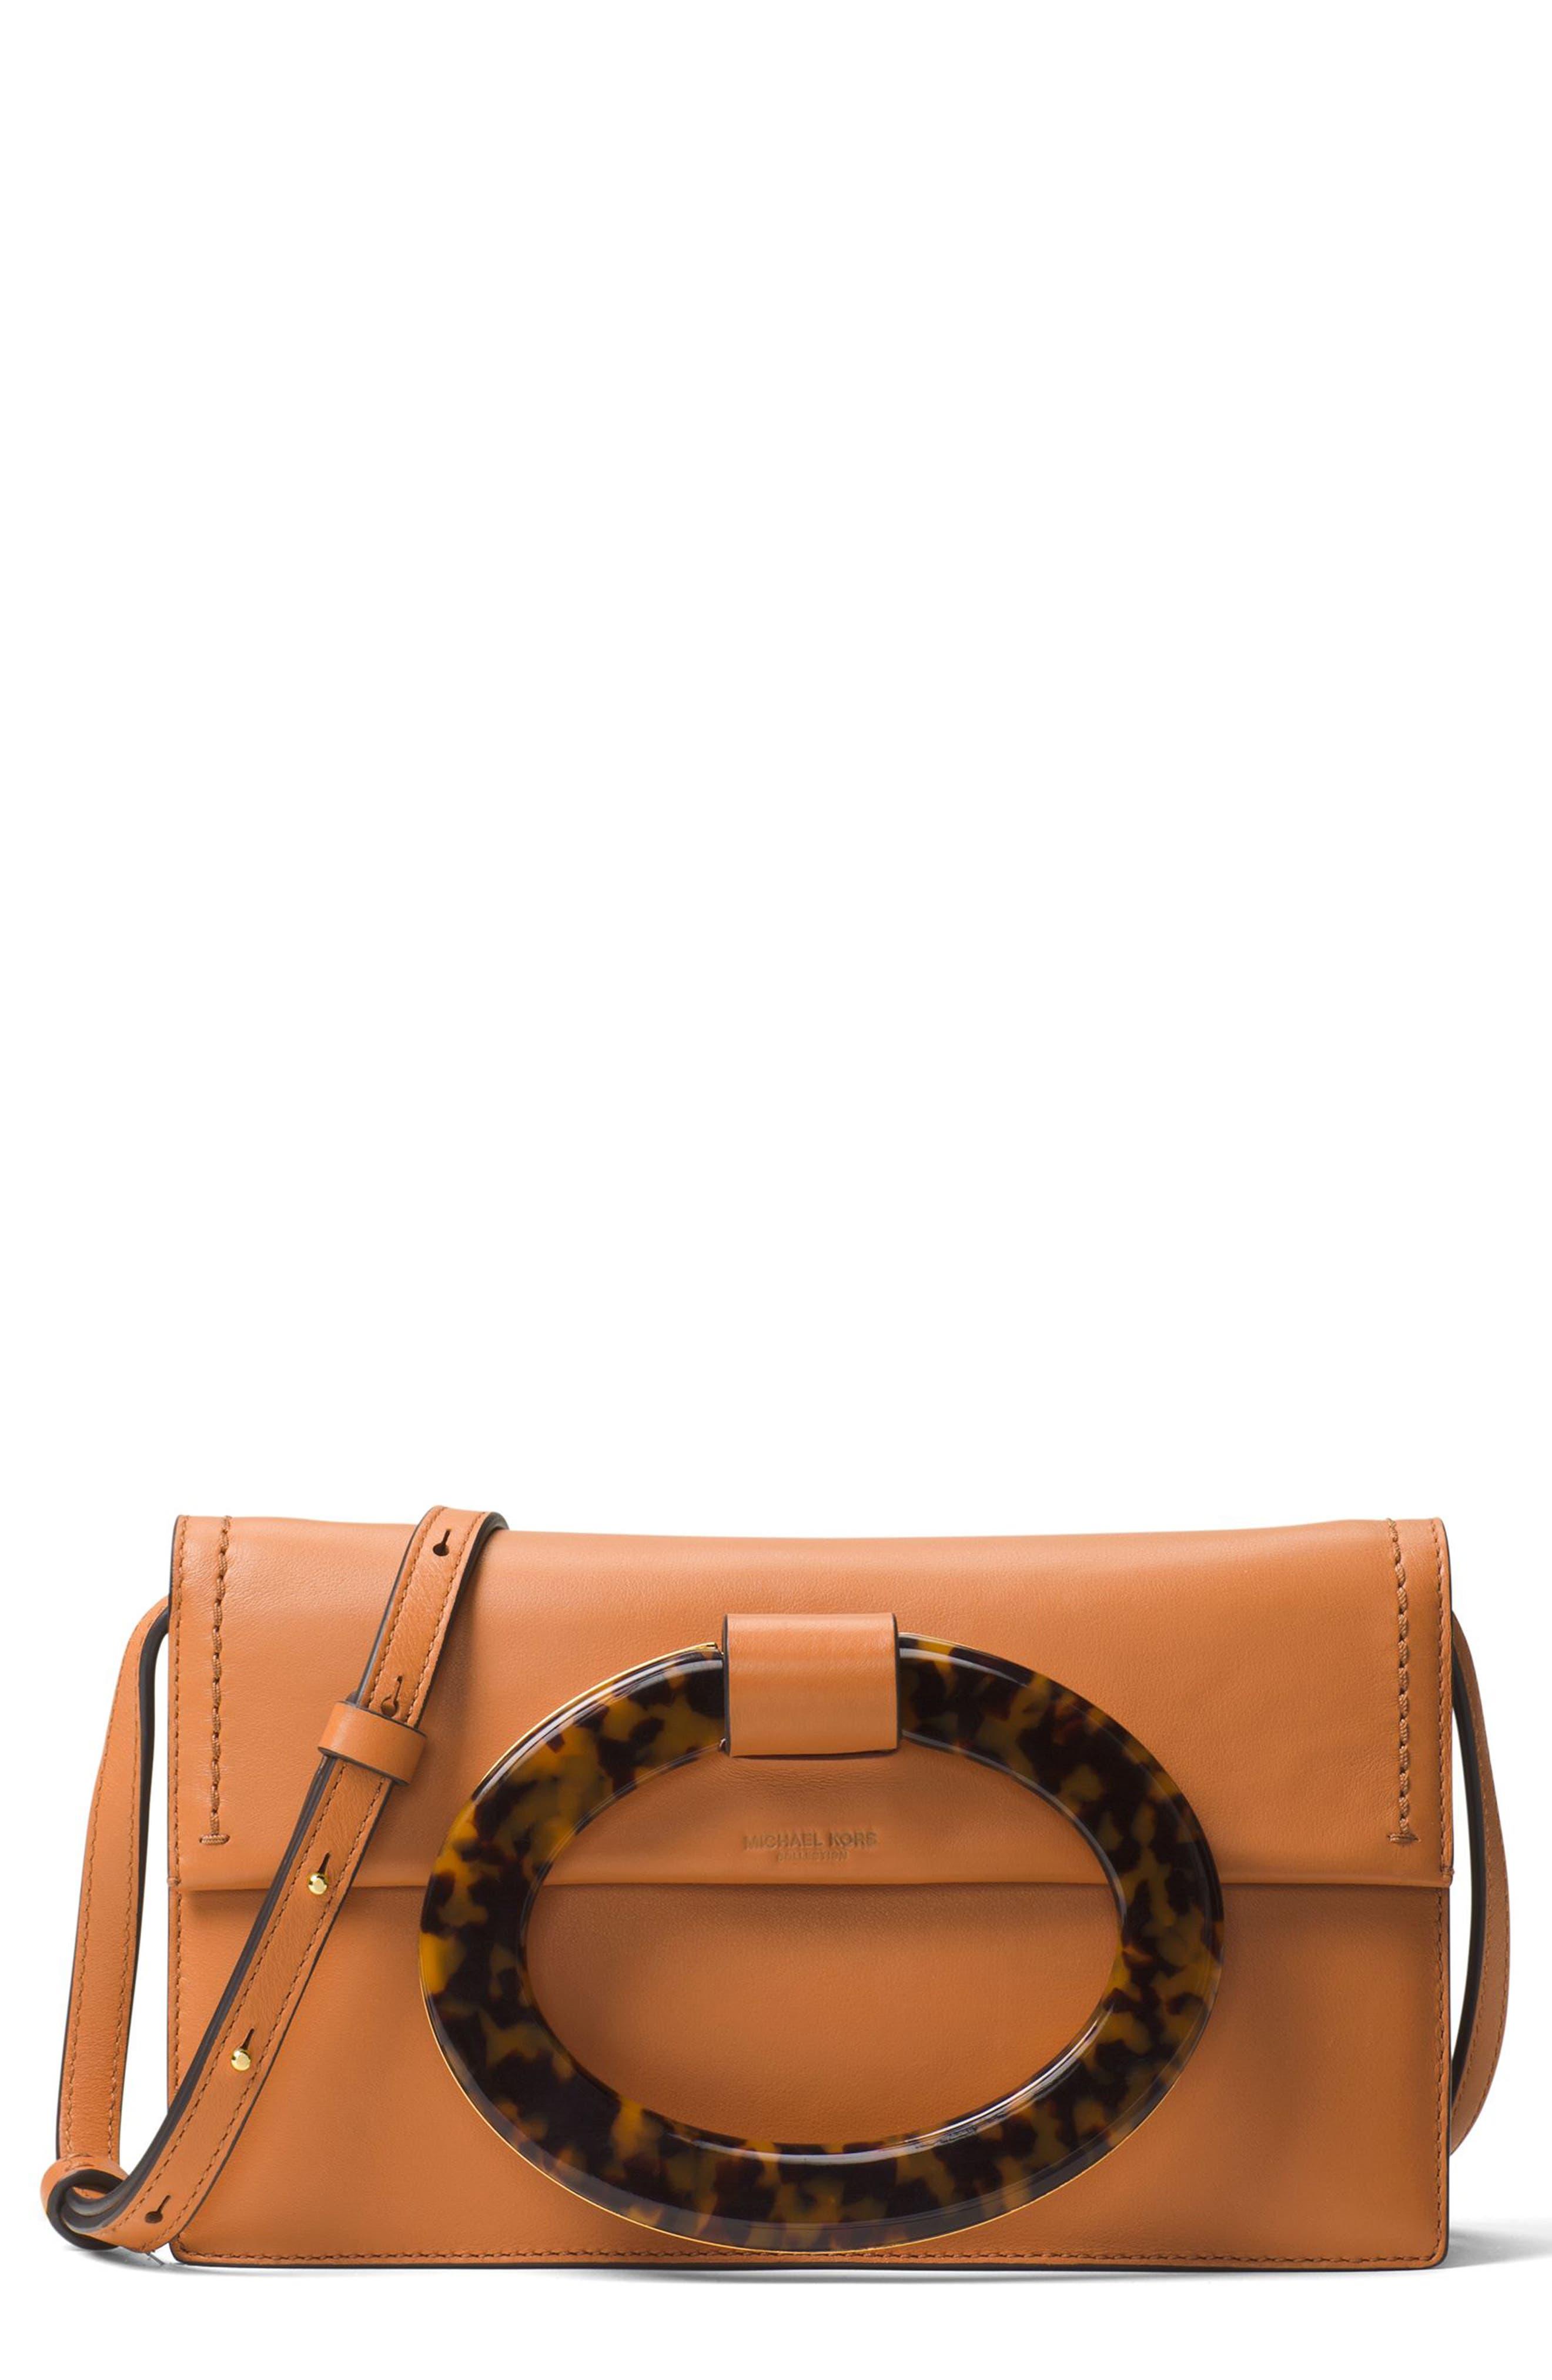 Main Image - Michael Kors Baxter Calfskin Leather Convertible Clutch